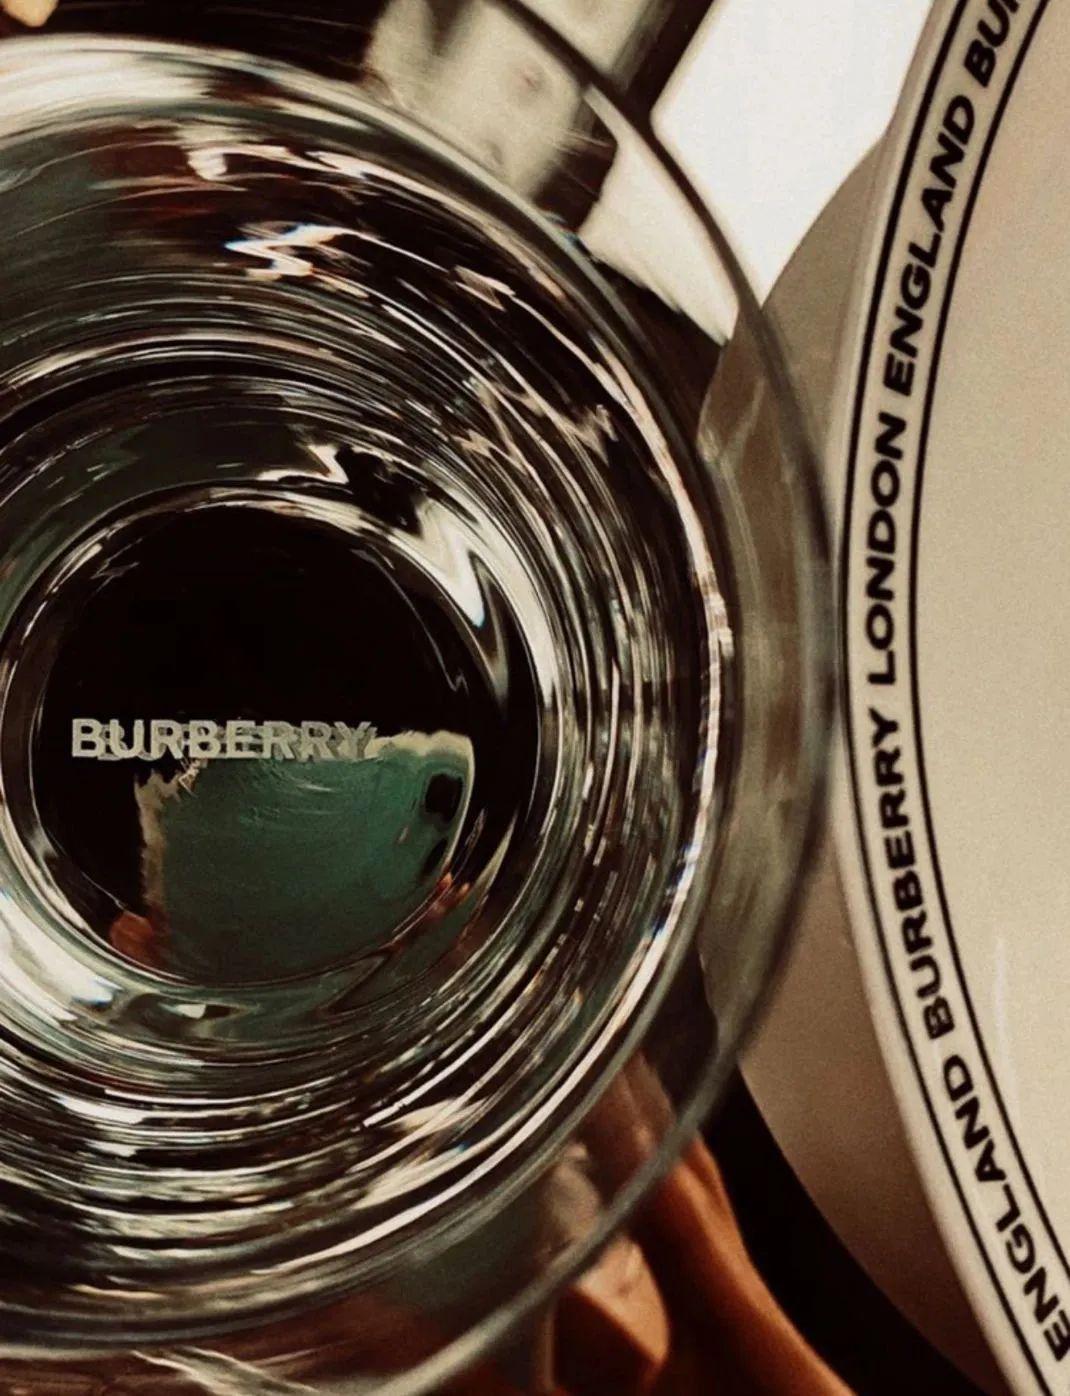 Burberry开咖啡厅了?餐具设计也太精致了吧!